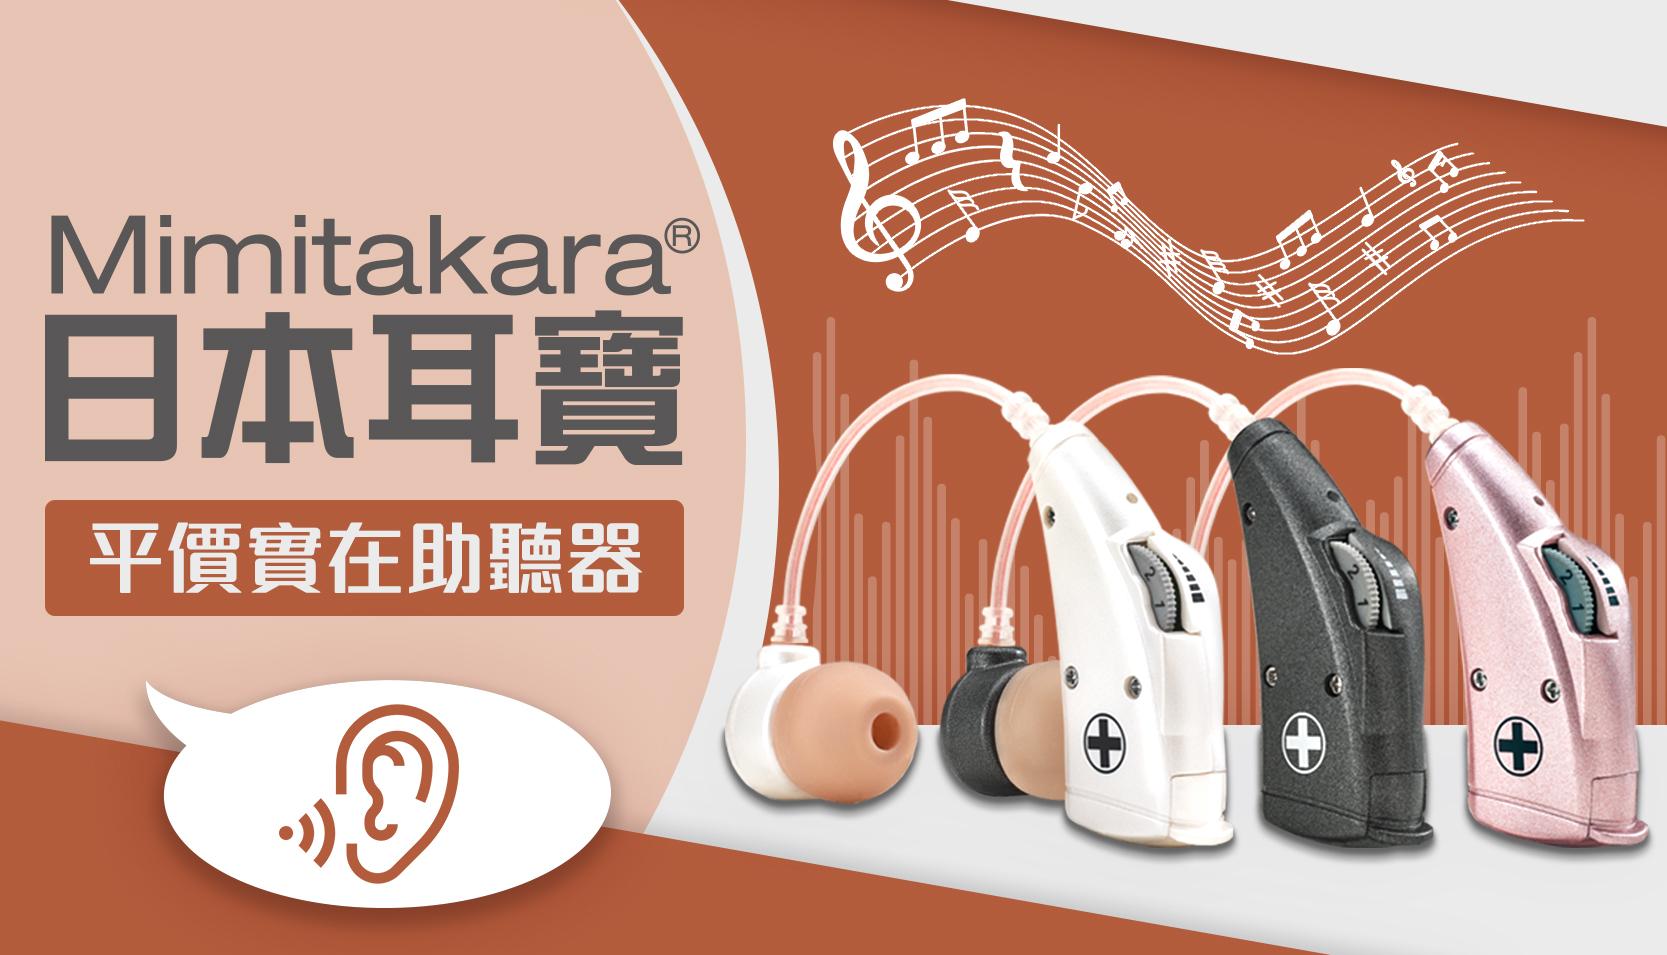 日本耳寶,助聽器,輔聽器